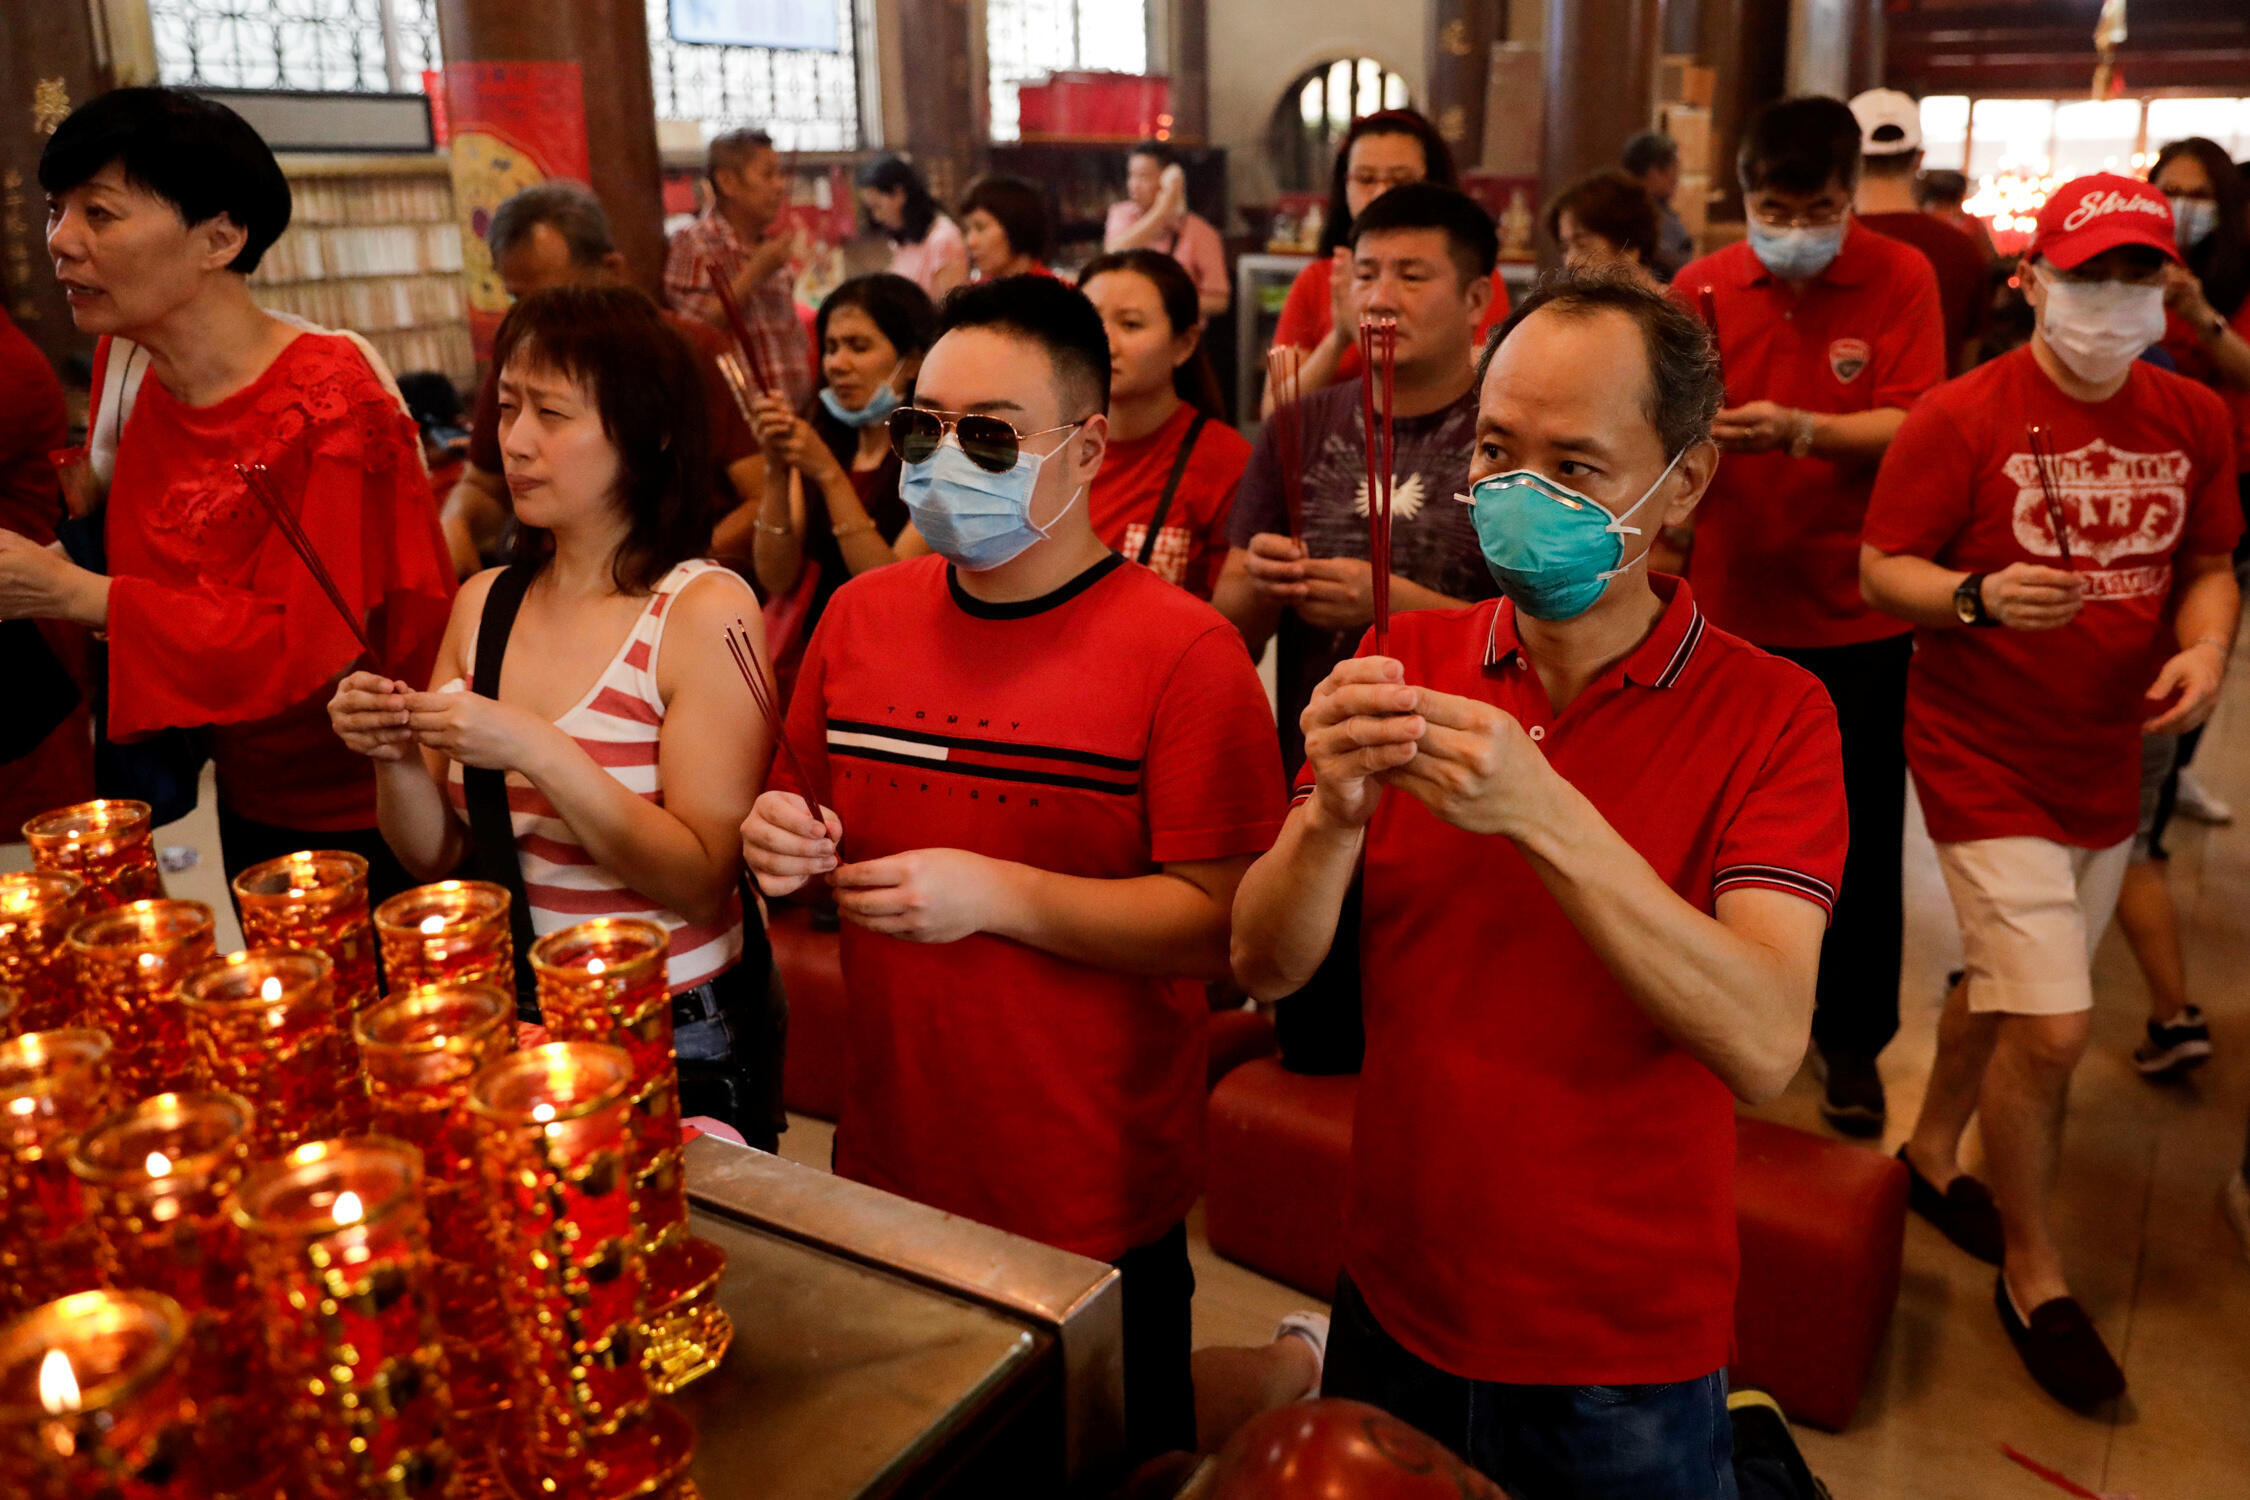 Nhiều người dân Philippines mang khẩu trang phòng virus corona khi đi lễ chùa đầu năm Canh Tý tại khu phố Chinatown, Binondo, Manila, ngày 25/01/2020.